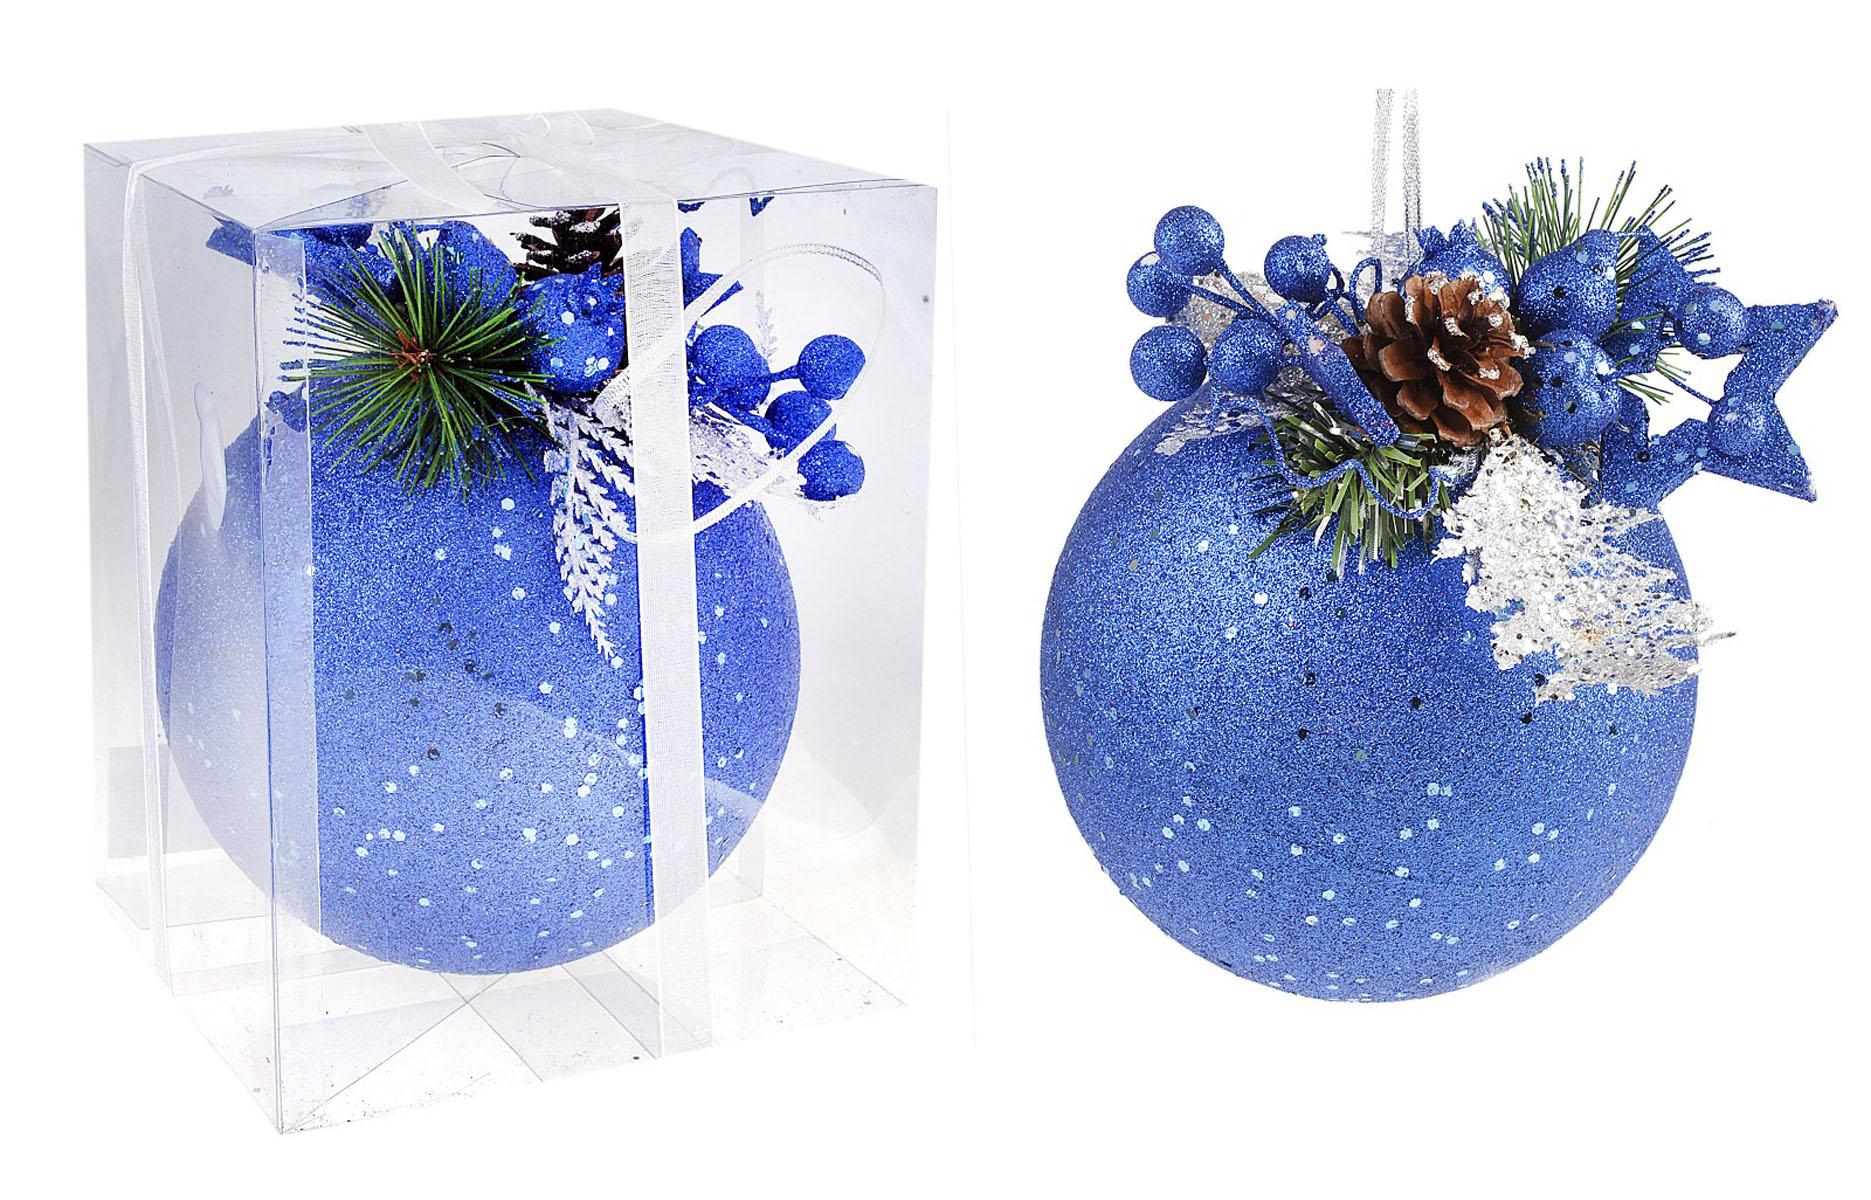 """Новогоднее подвесное украшение Sima-land """"Шар"""", выполненное из пластика, прекрасно подойдет для праздничного декора новогодней ели. Шар украшен веточками ели, звездой и шишкой. Изделие покрыто блестками. Для удобного размещения на елке для шара предусмотрена текстильная петелька.   Елочная игрушка - символ Нового года. Она несет в себе волшебство и красоту праздника. Создайте в своем доме атмосферу веселья и радости, украшая новогоднюю елку нарядными игрушками, которые будут из года в год накапливать теплоту воспоминаний.  Коллекция декоративных украшений принесет в ваш дом ни с чем несравнимое ощущение волшебства! Откройте для себя удивительный мир сказок и грез. Почувствуйте волшебные минуты ожидания праздника, создайте новогоднее настроение вашим дорогим и близким.   Диаметр шара: 15 см.  Материал: пластик, текстиль."""